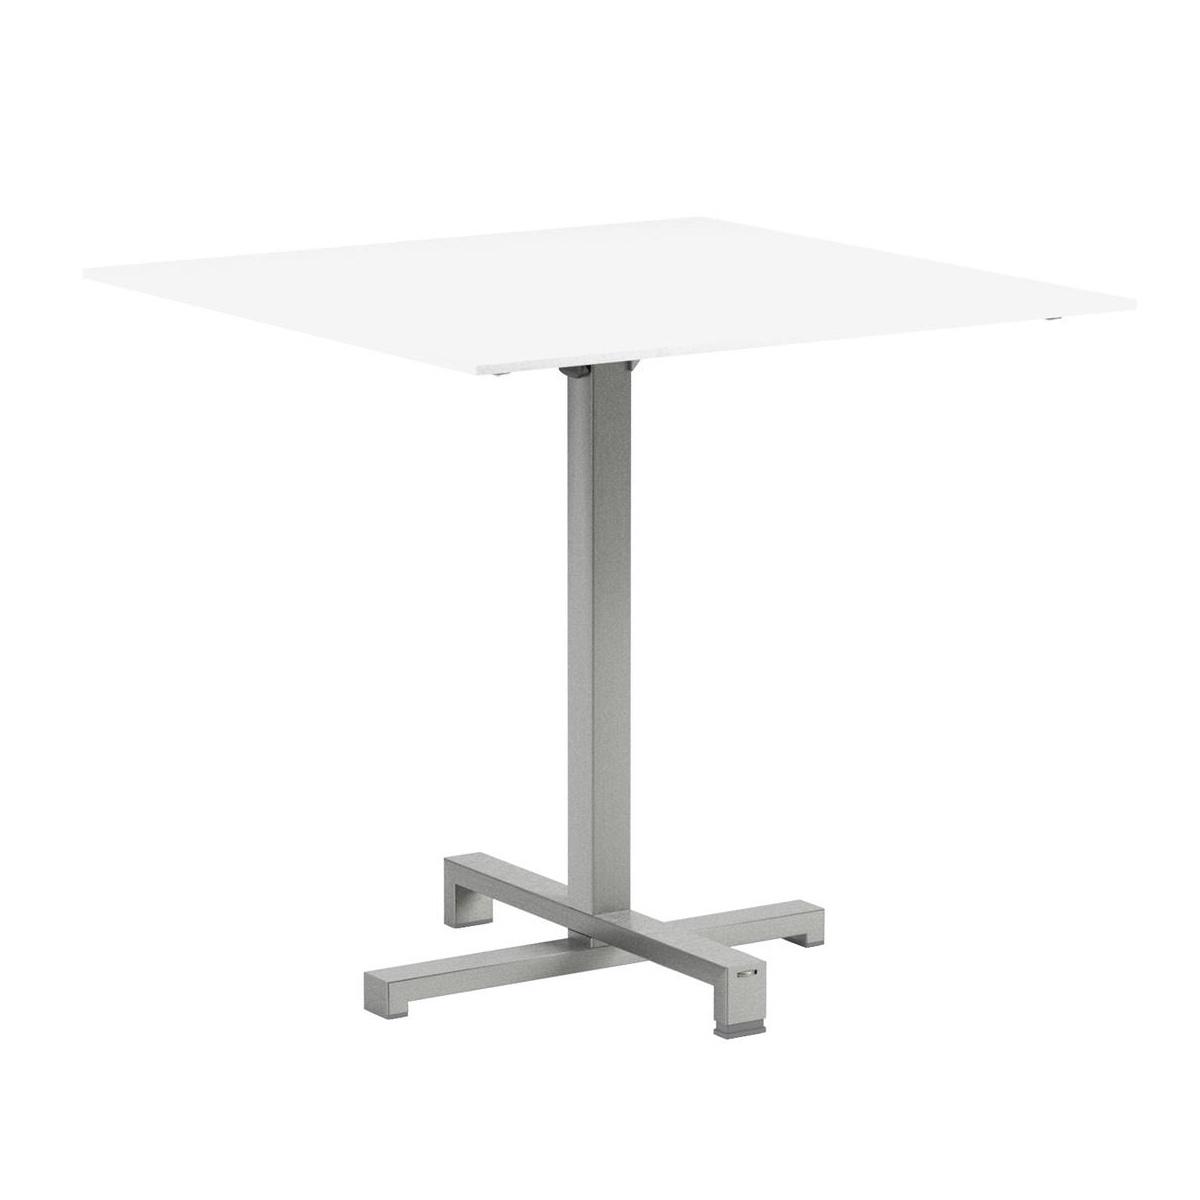 Royal Botania - Taboela - Table pliante structure acier - blanc/céramique/LxPxH 80x80x75cm/châssis acier inoxydable brossé